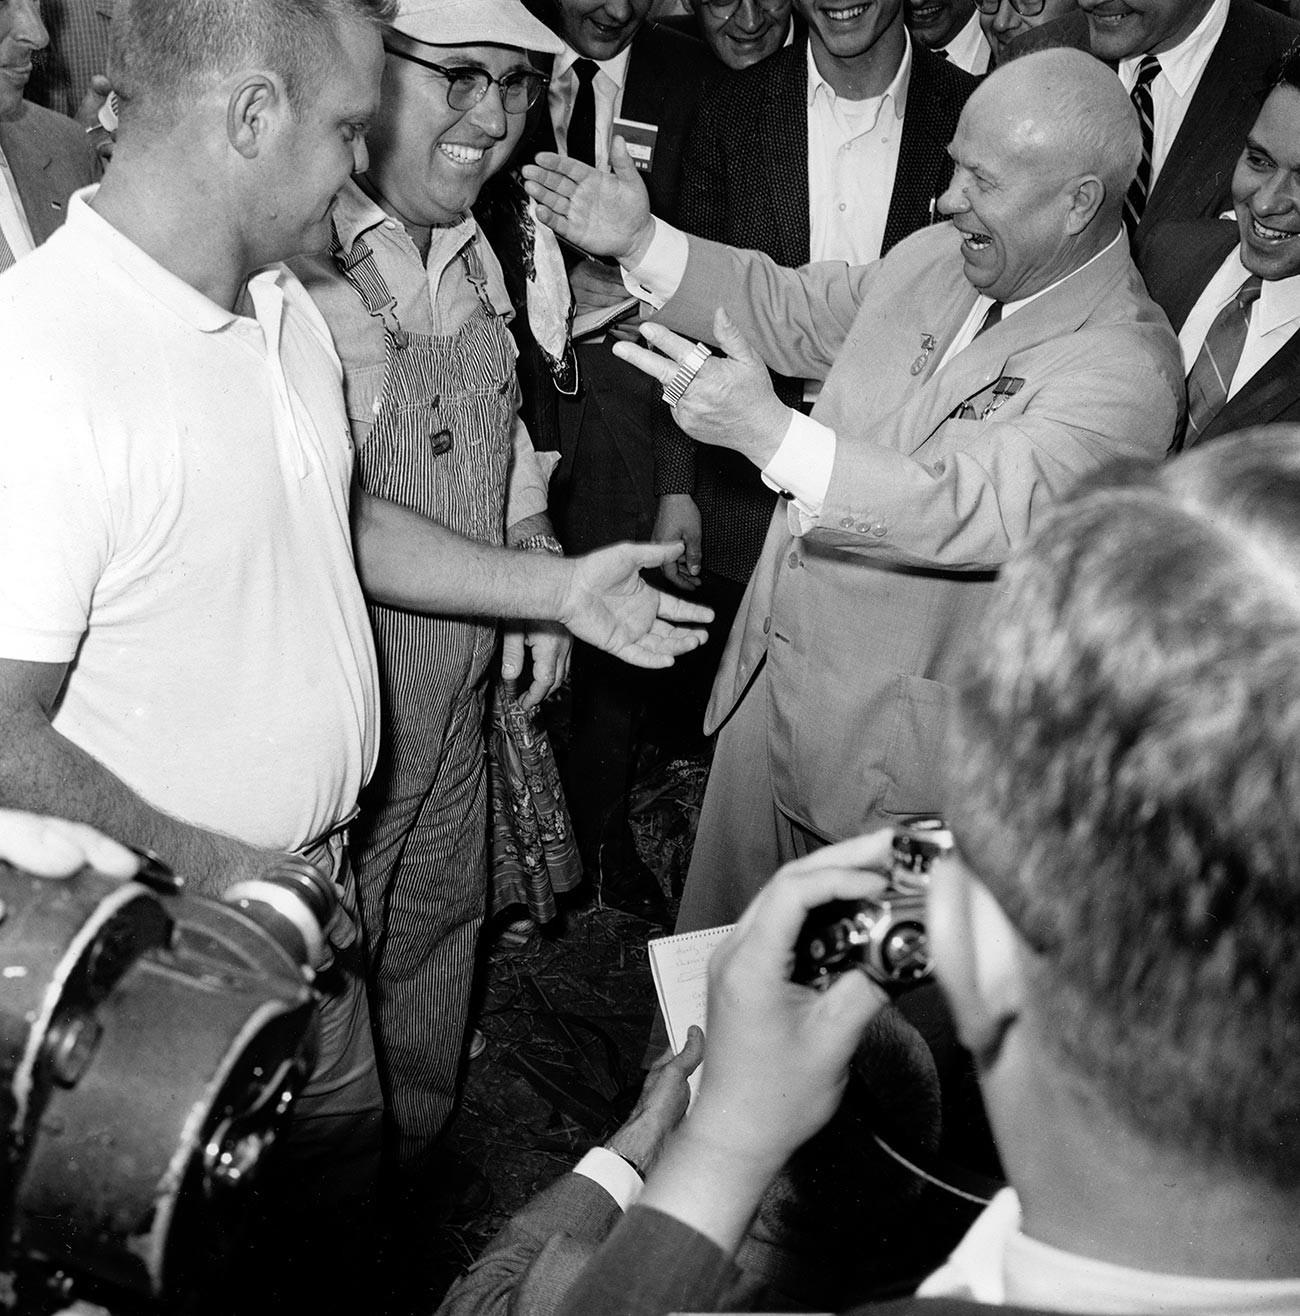 Sovjetski vođa Nikita Hruščov tokom posjeta Americi zbija šale sa žiteljem Iowe na prijemu koji su organizirali Sovjeti, Coon Rapids, Iowa, SAD.